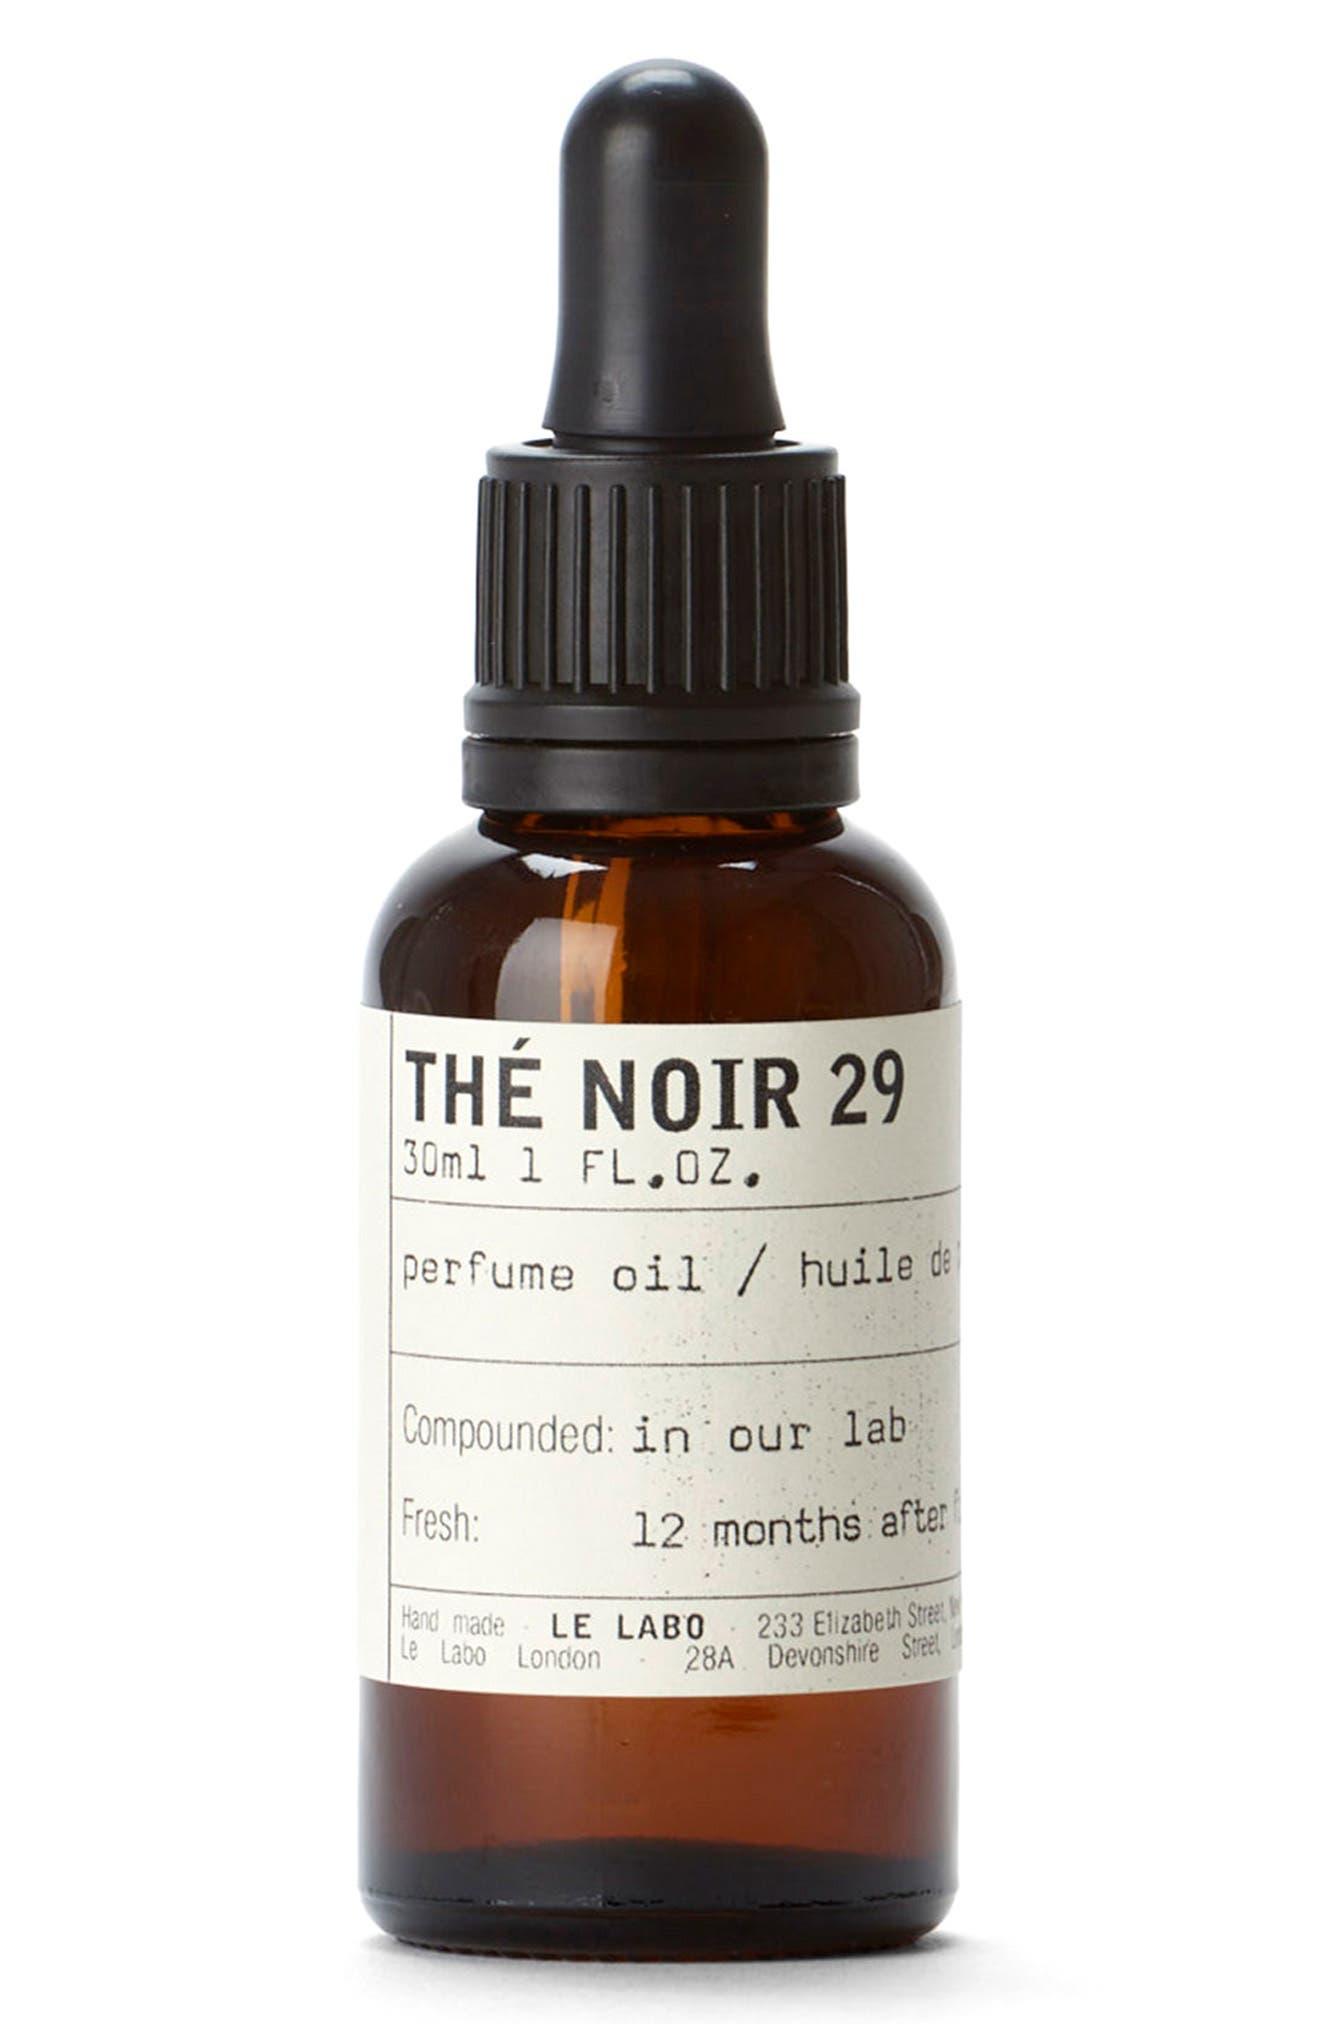 The Noir 29 Perfume Oil